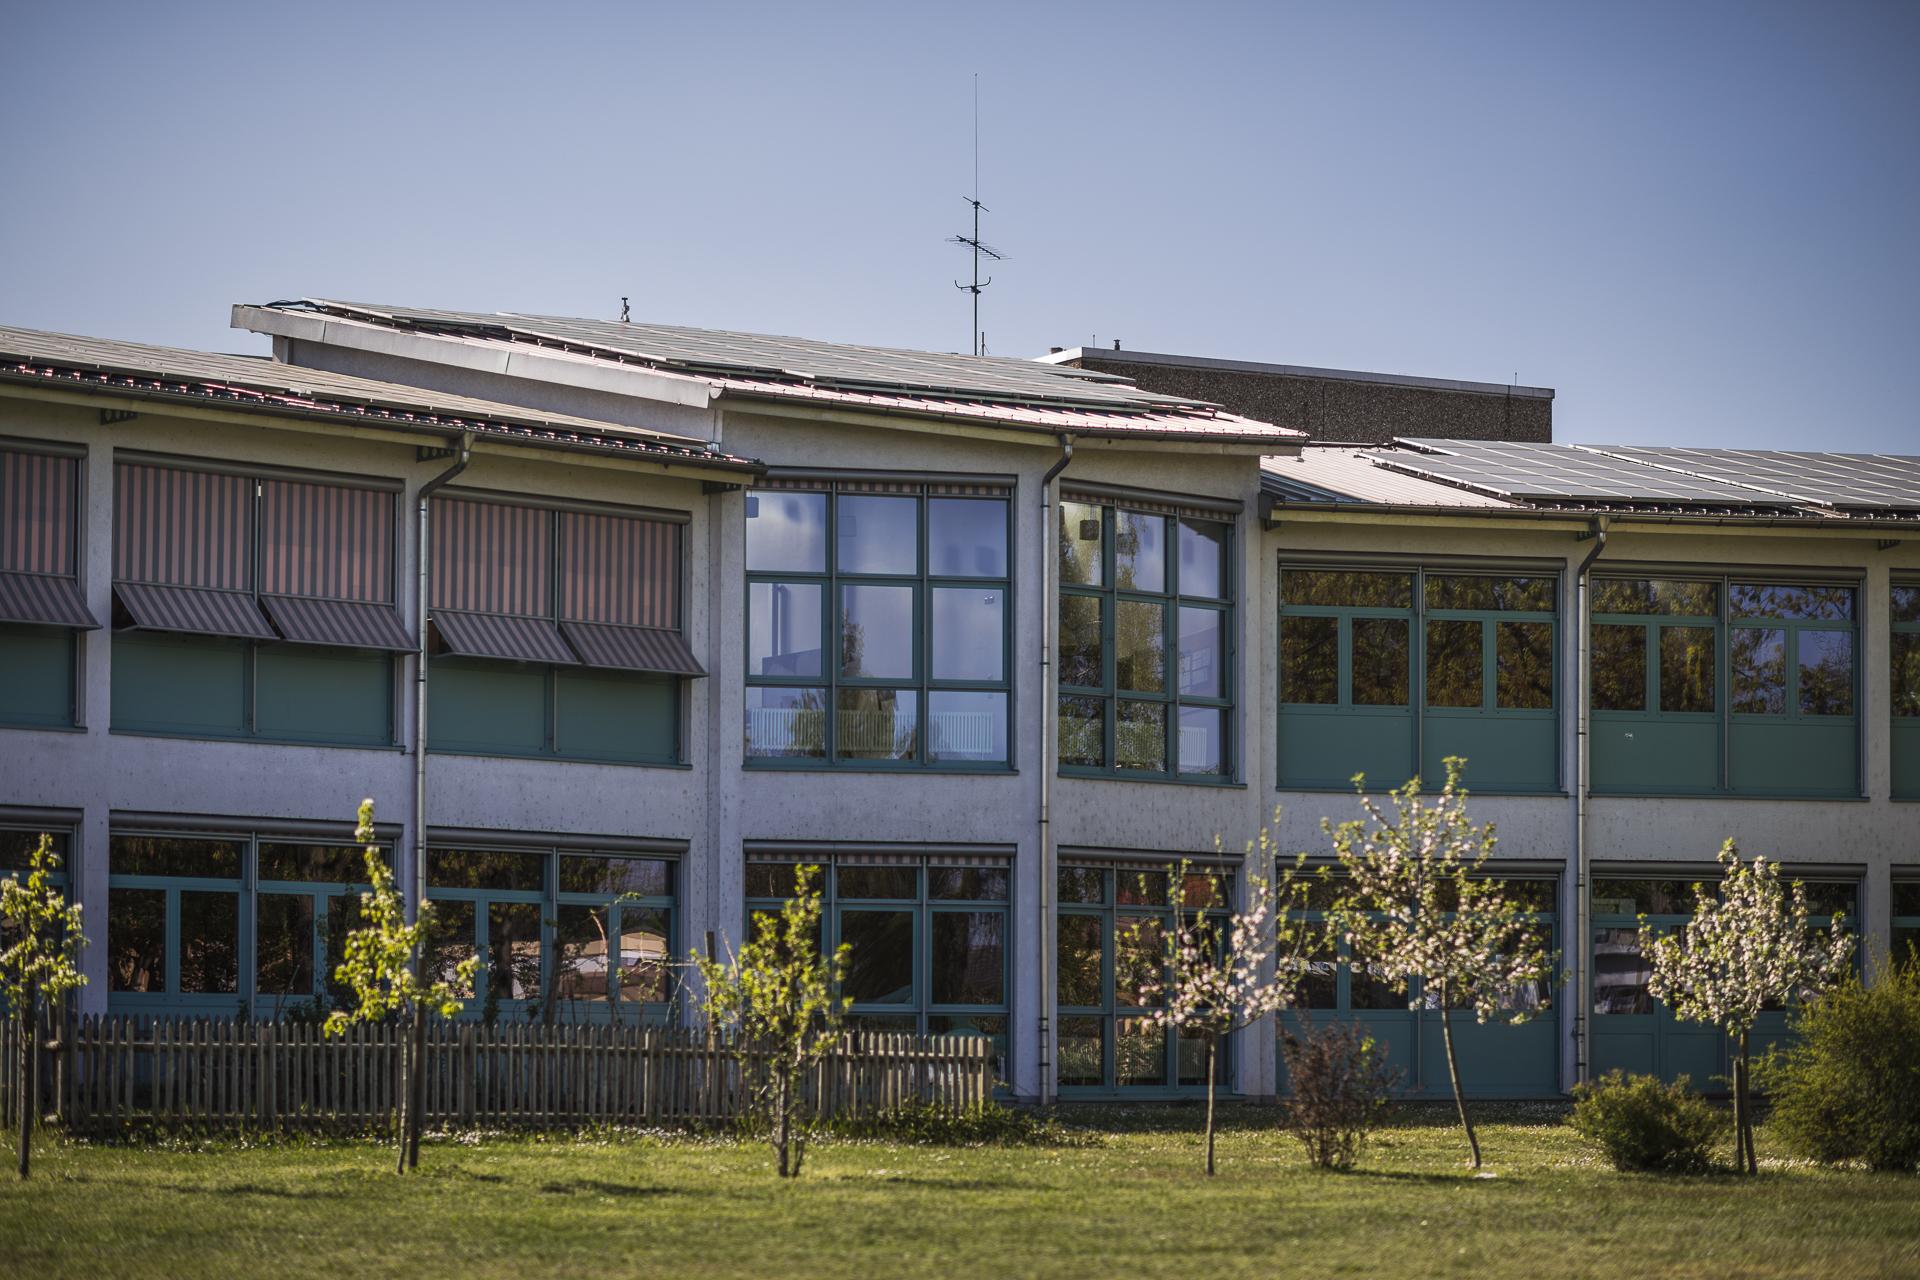 SoLe_TR12966_1920px_LusshardtSchule